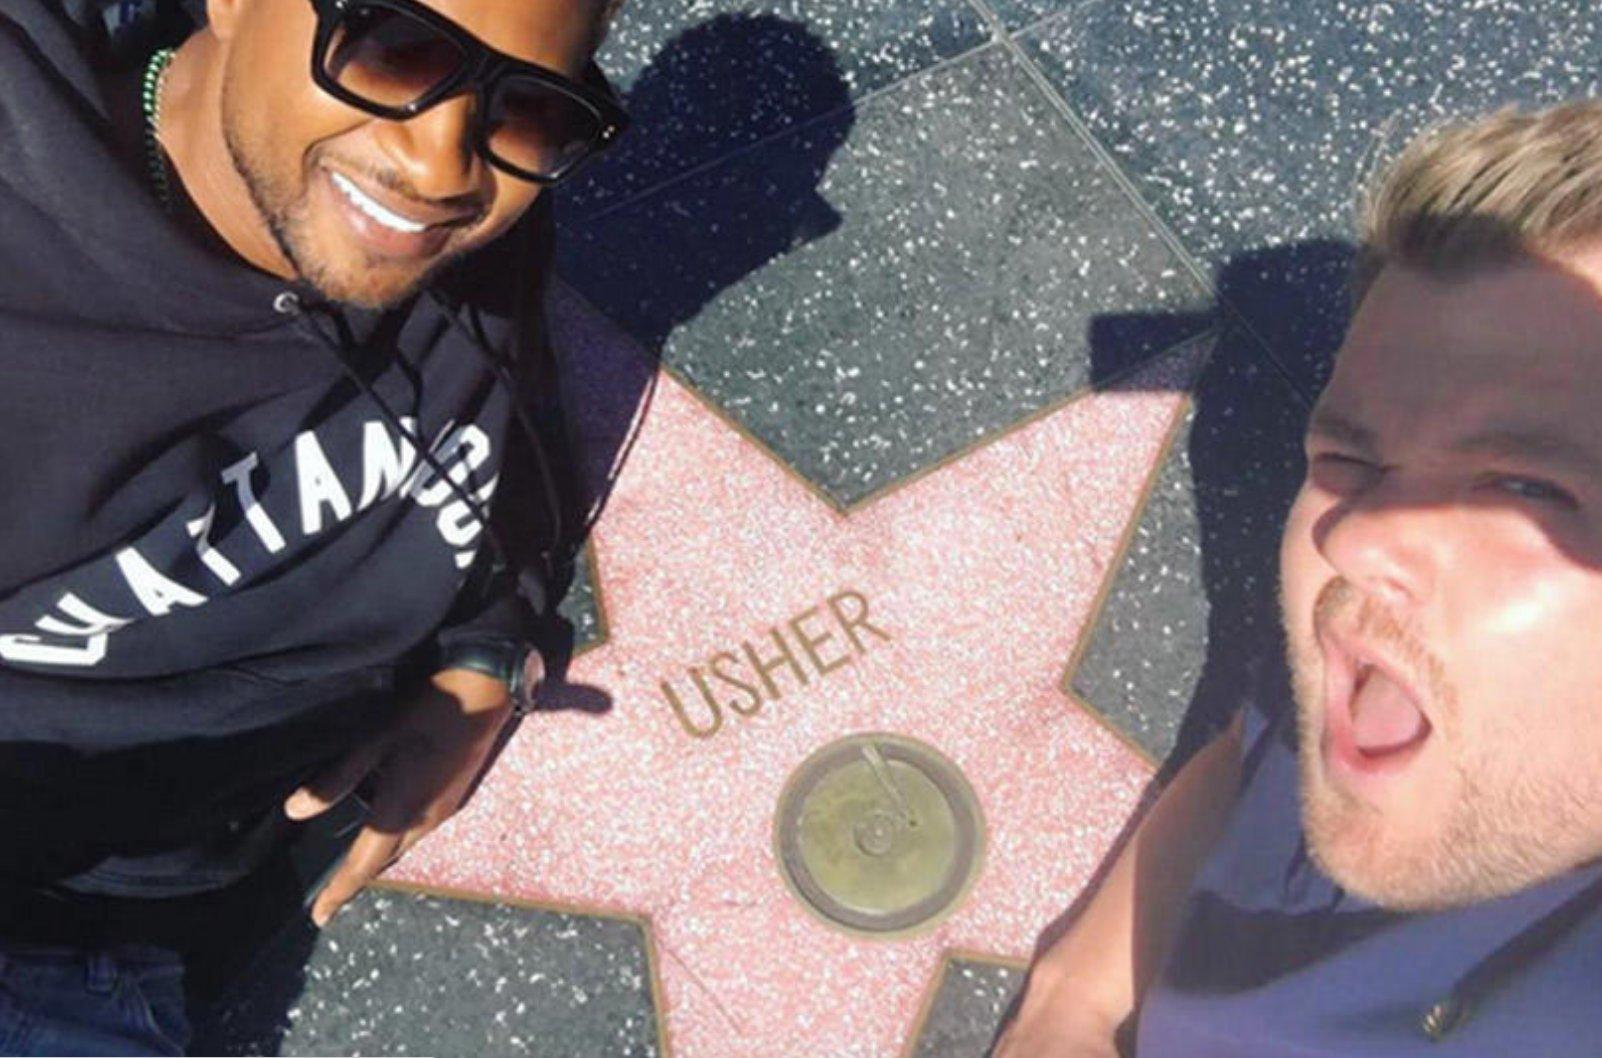 Usher's Carpool Karaoke is finally here! https://t.co/3ZAmM6DBBE https://t.co/u54JeBZGWL